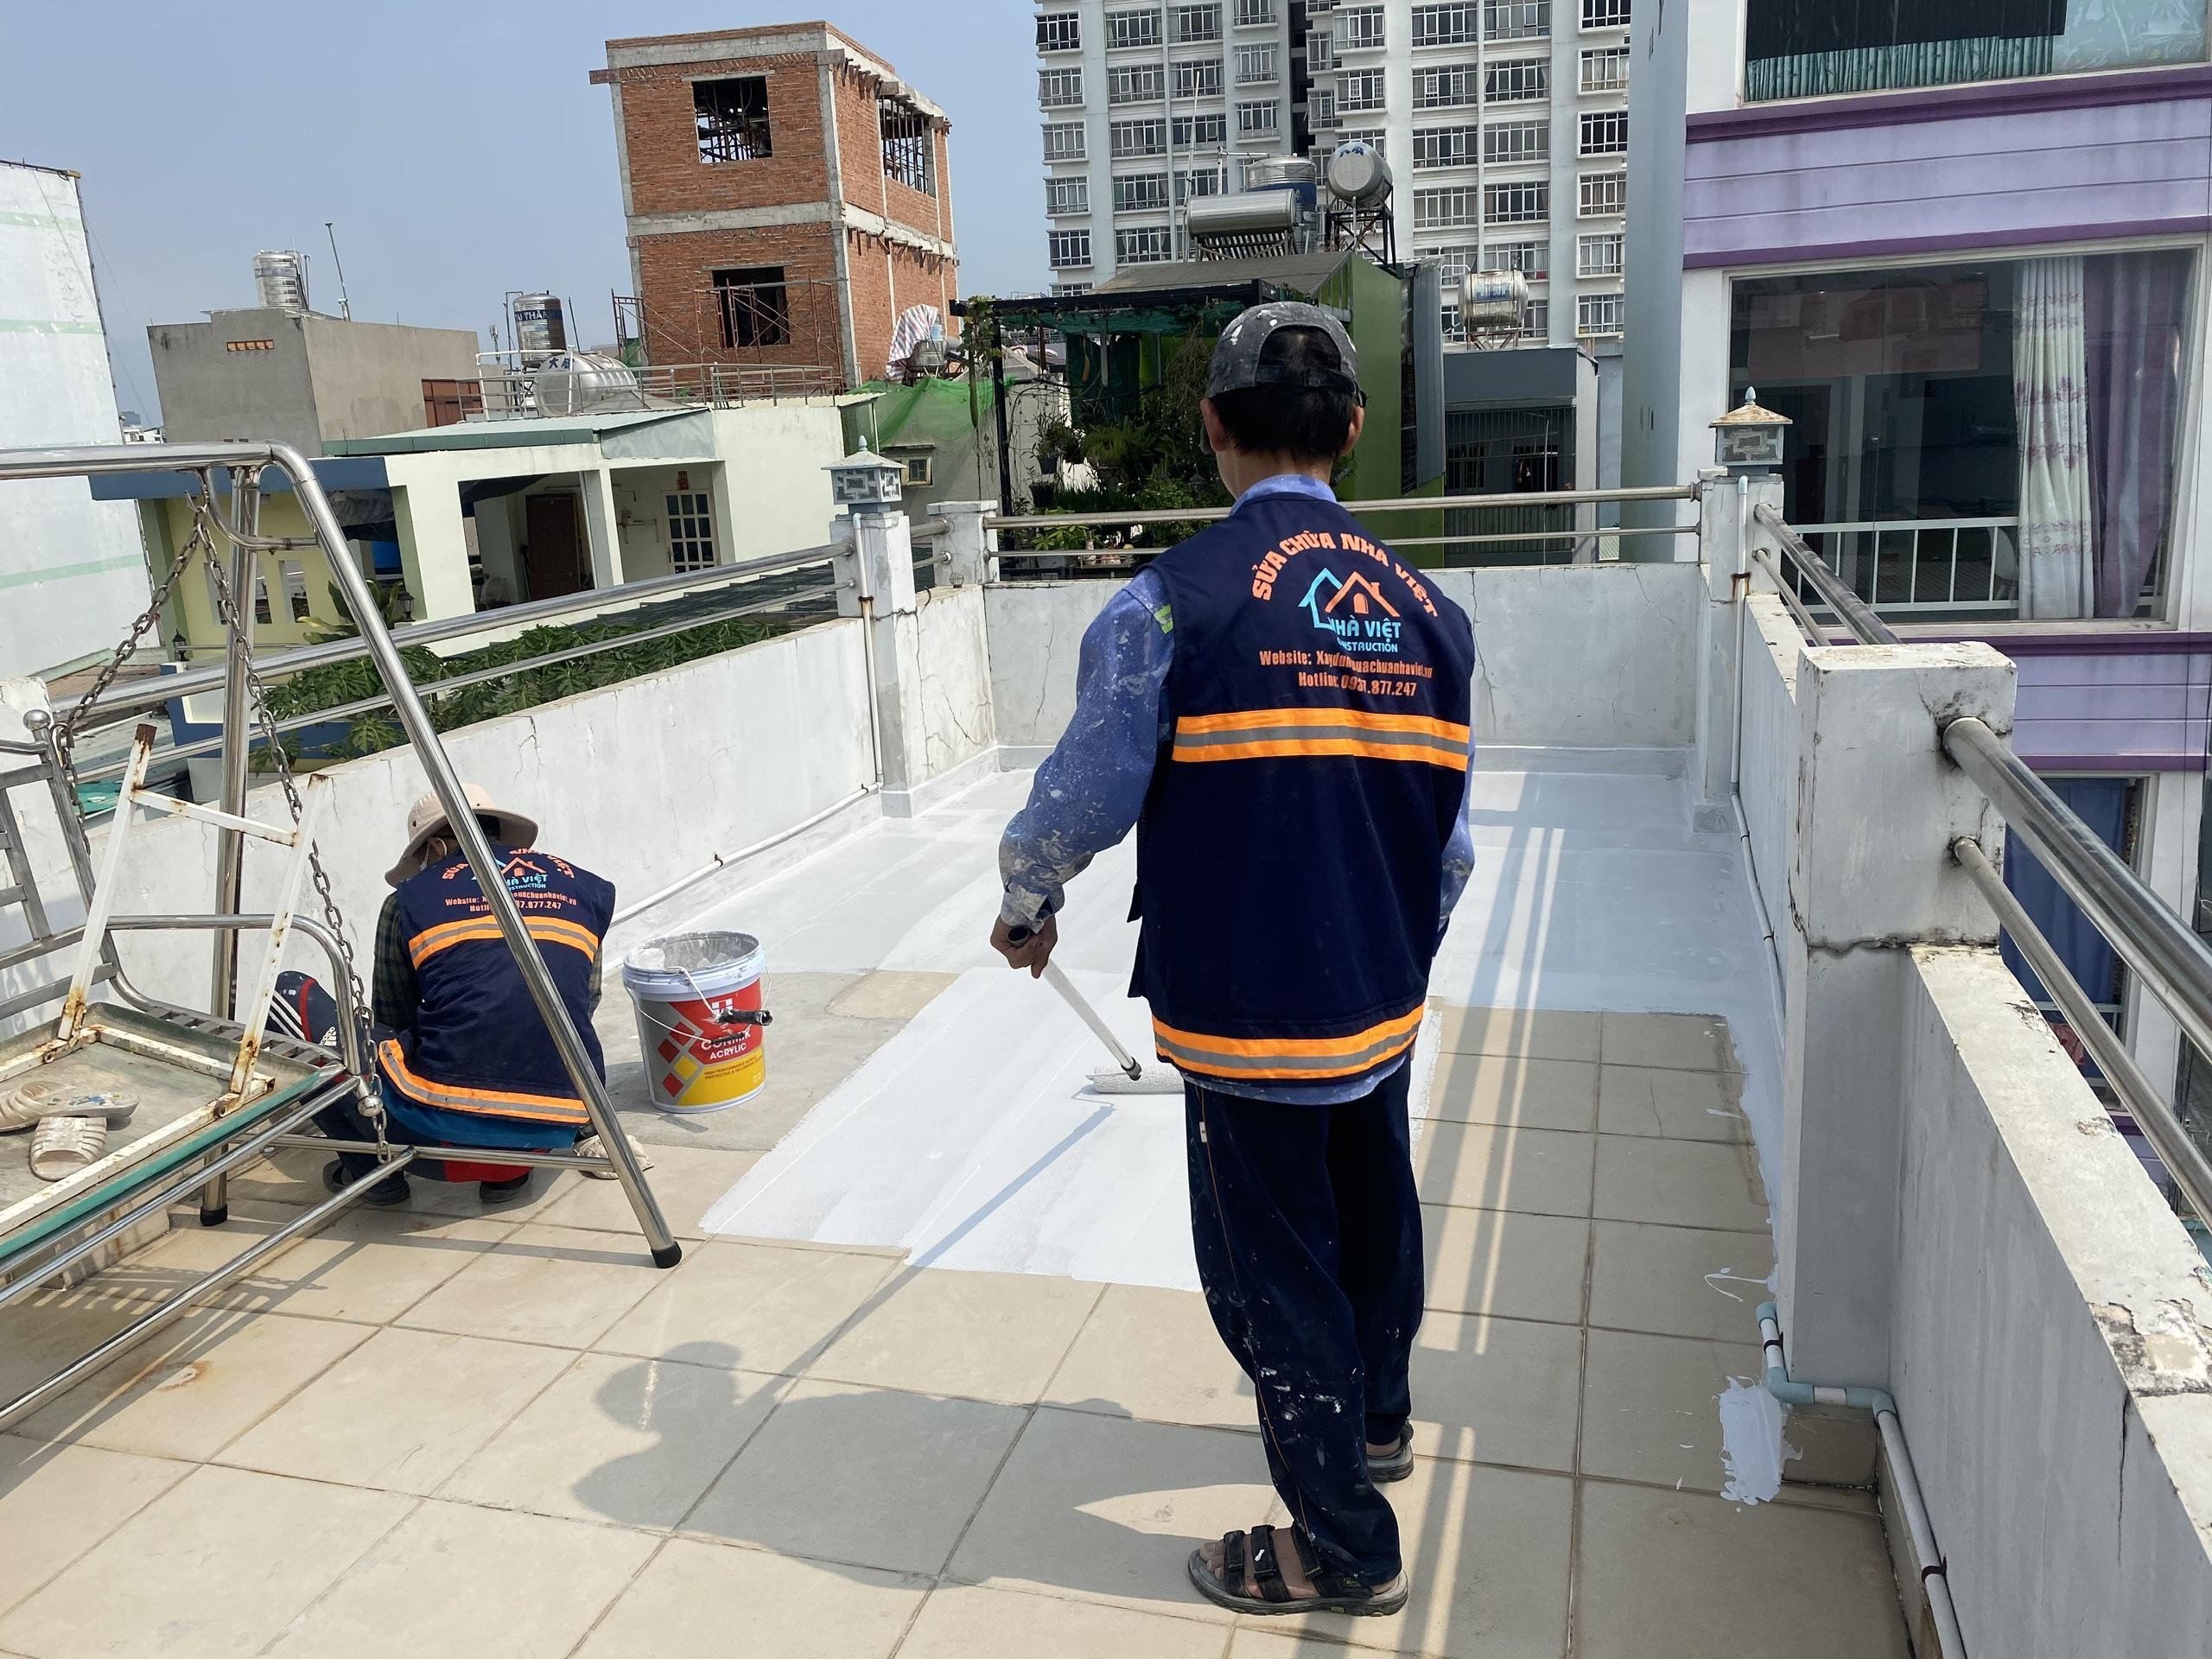 chong tham san thuong tphcm 1 - Chống Thấm Sân Thượng TP Hồ Chí Minh Hiệu Quả Triệt Để